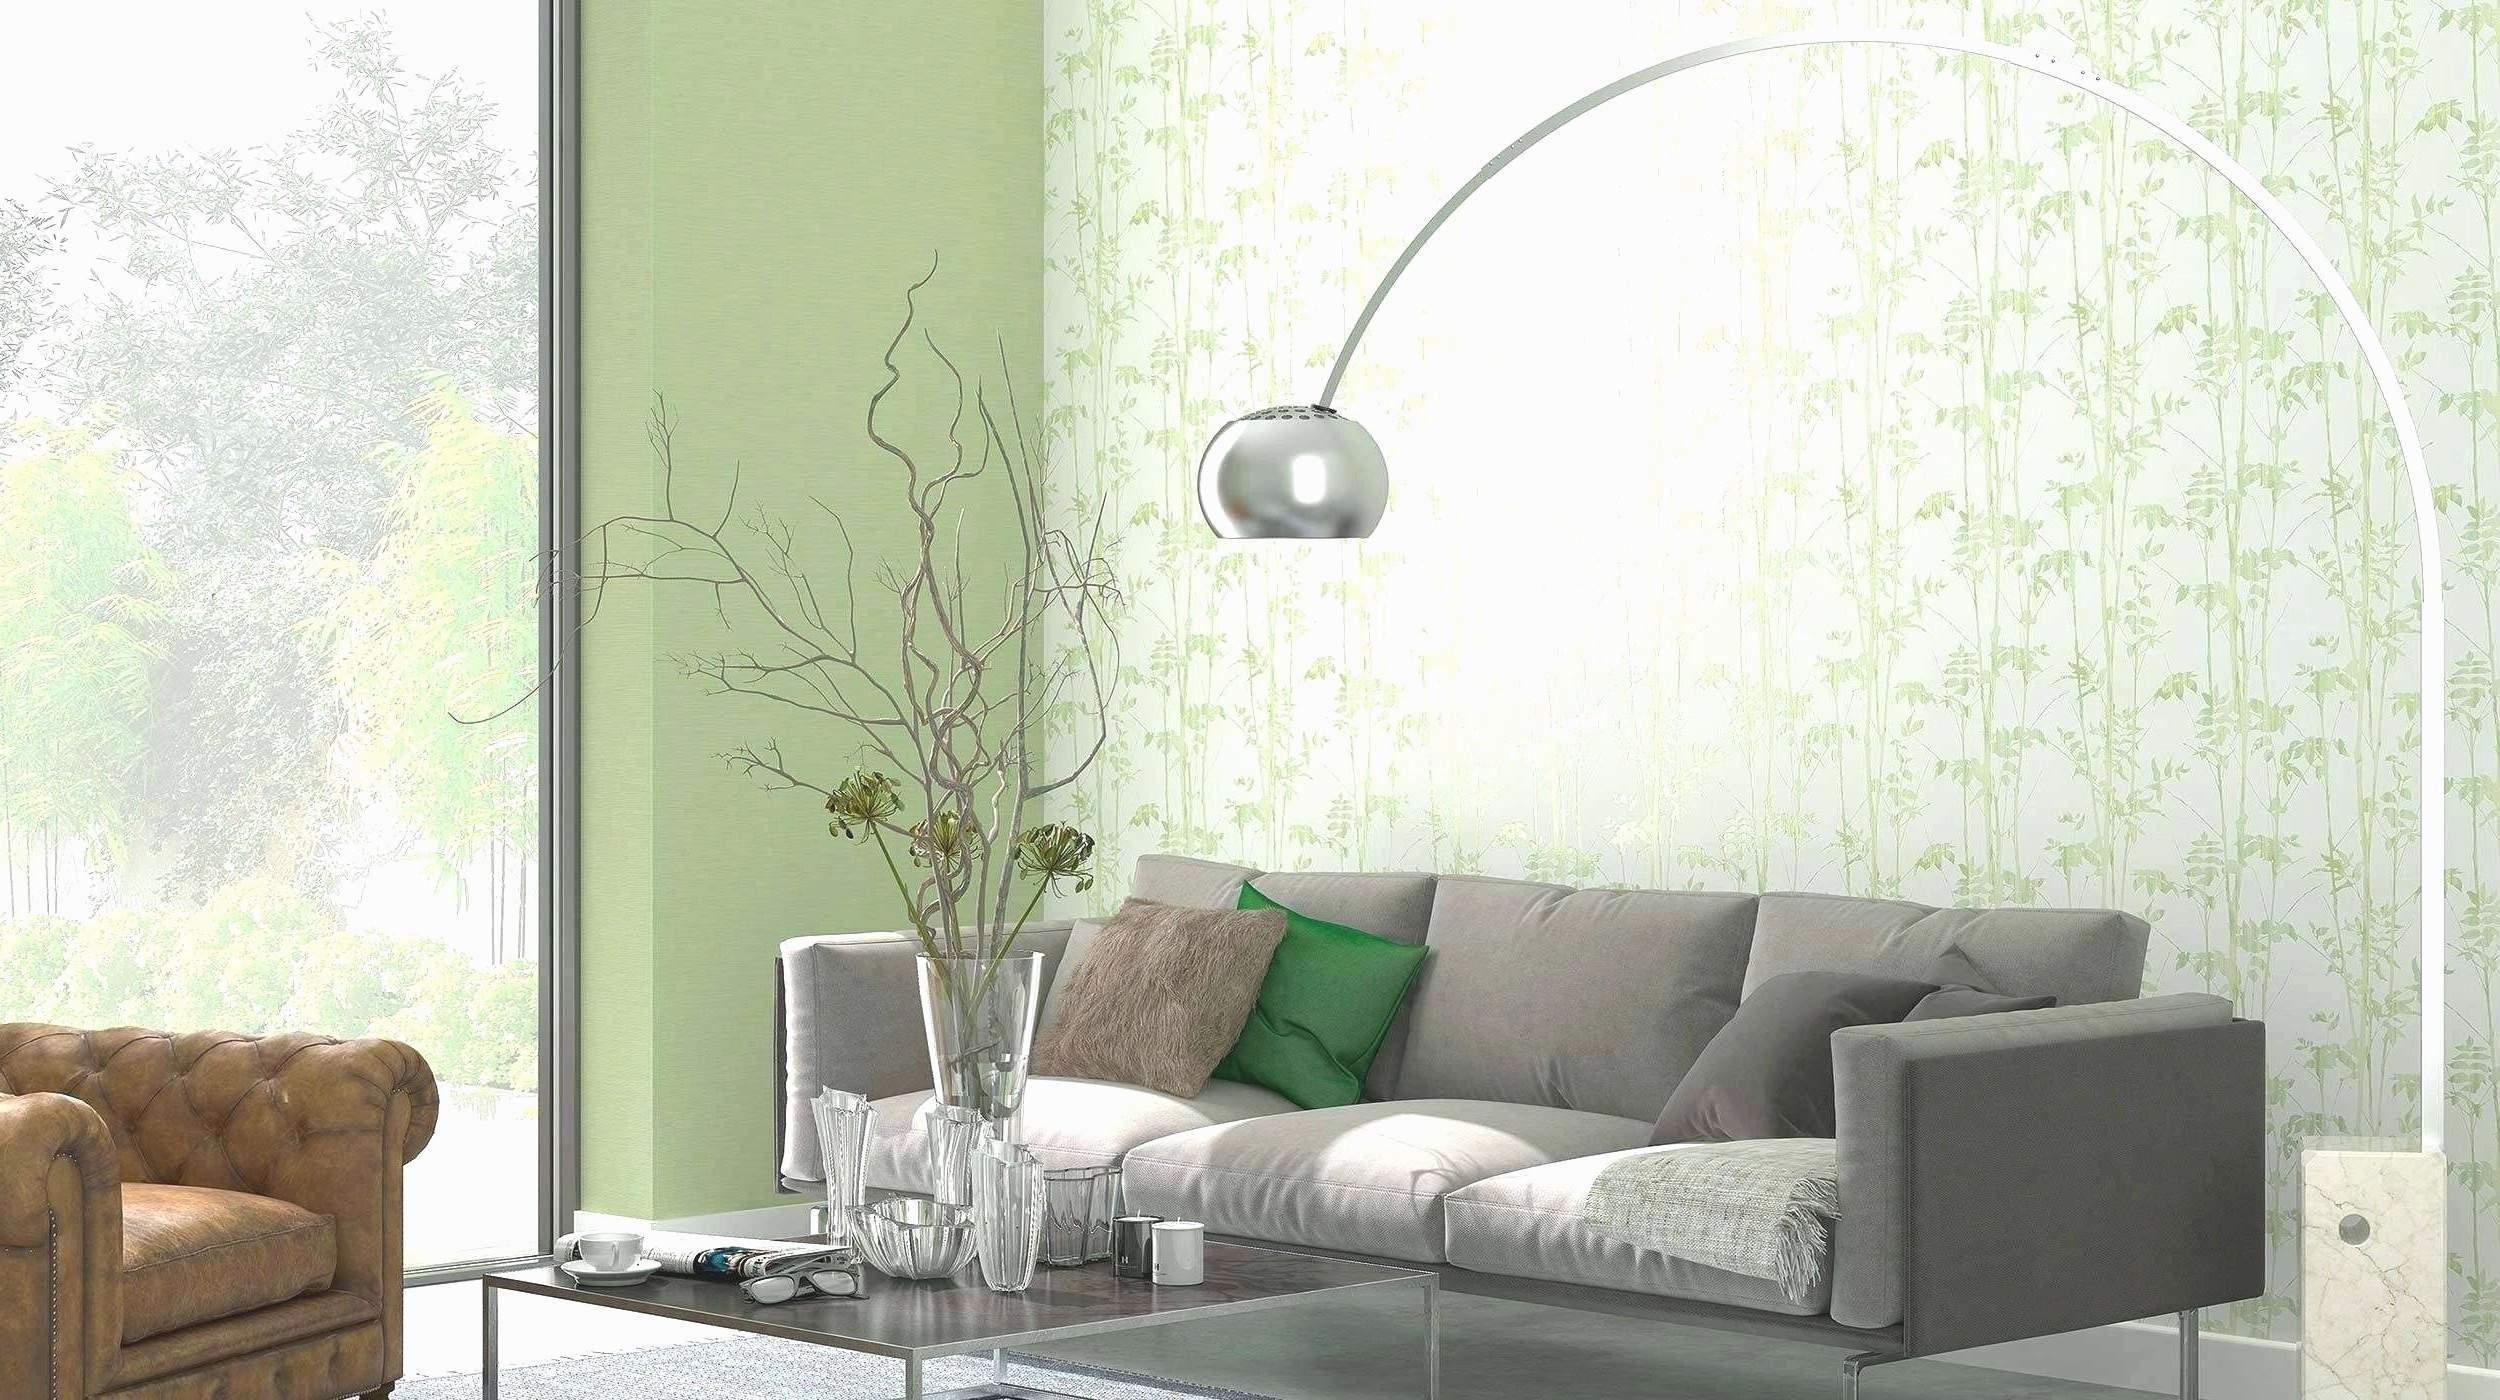 wohnzimmer deko online shop elegant wohnzimmer deko line shop frisch wanddeko ideen wohnzimmer of wohnzimmer deko online shop